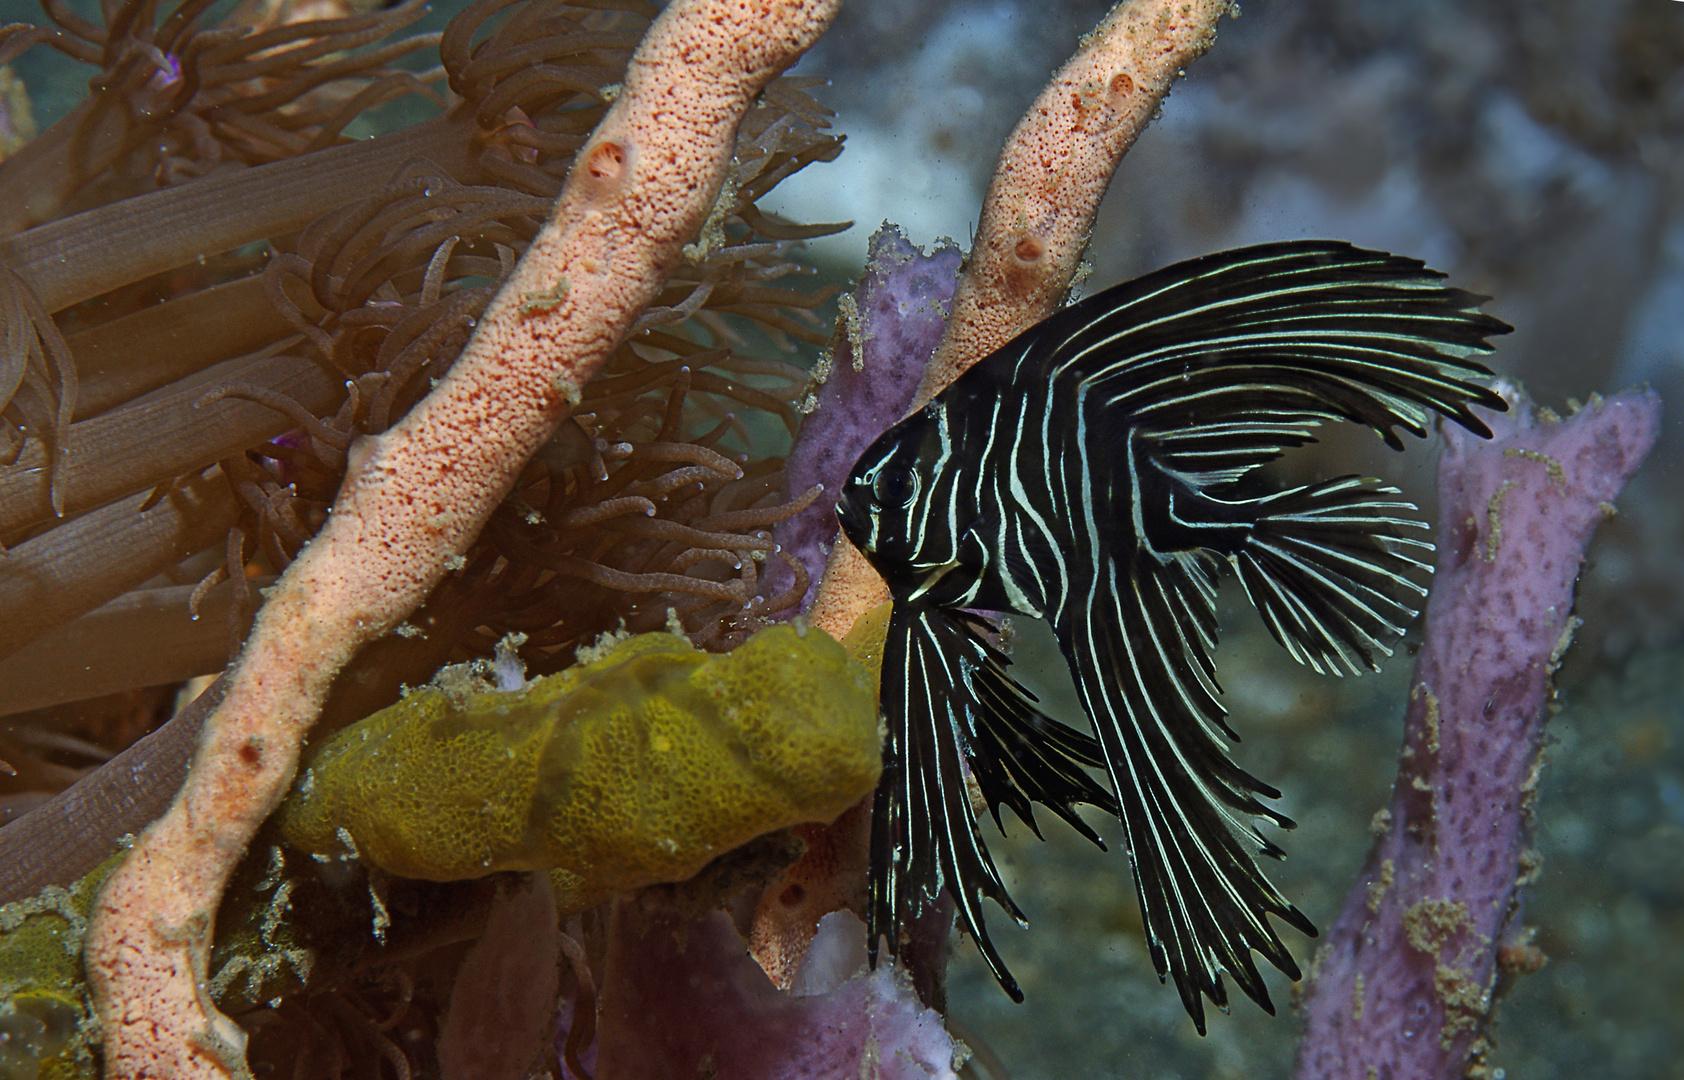 Traumwelten 33: Buckelkopf-Fledermausfisch juvenil